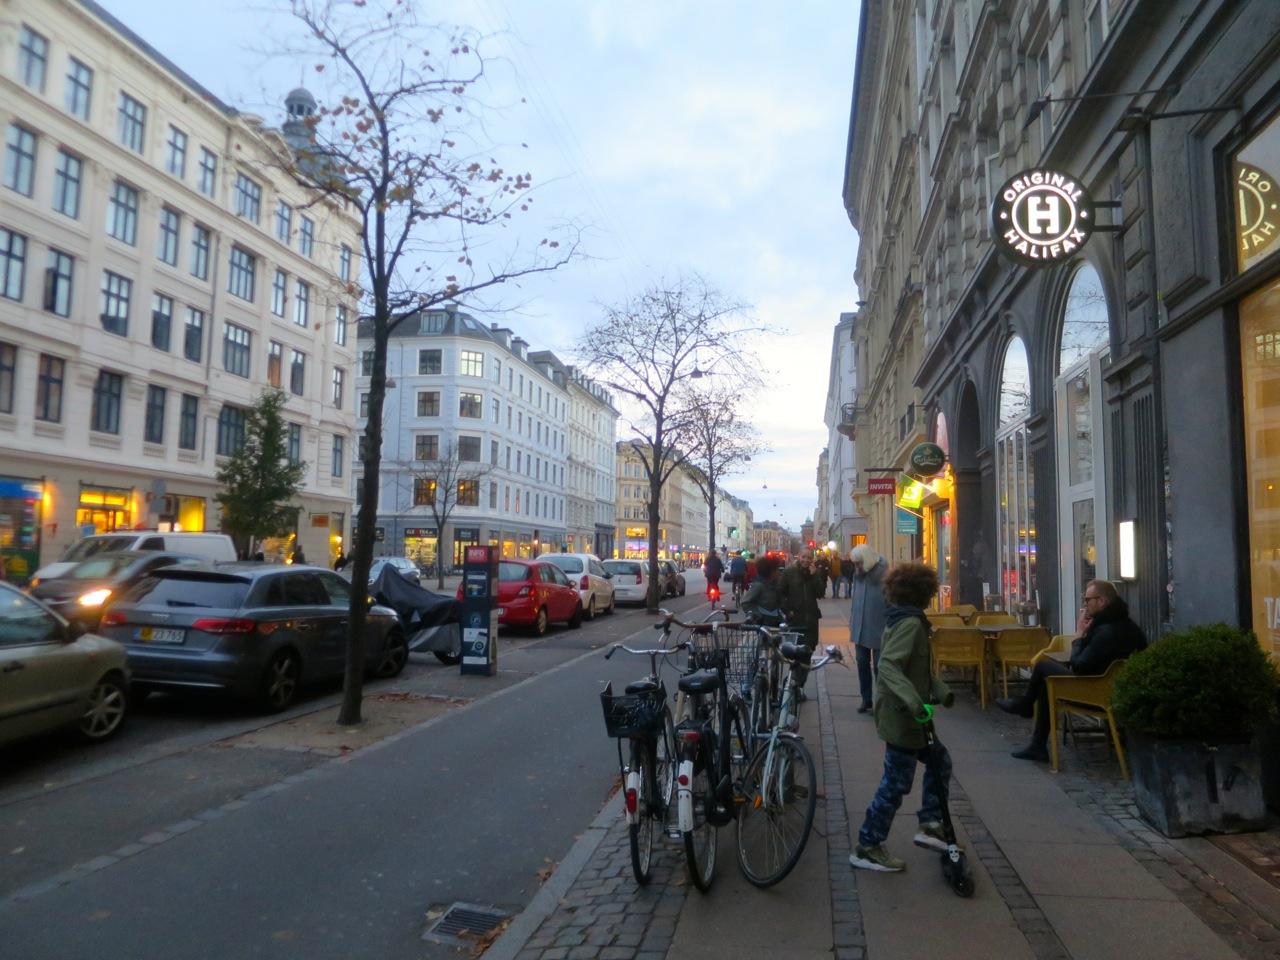 Copenhague outono 1 18